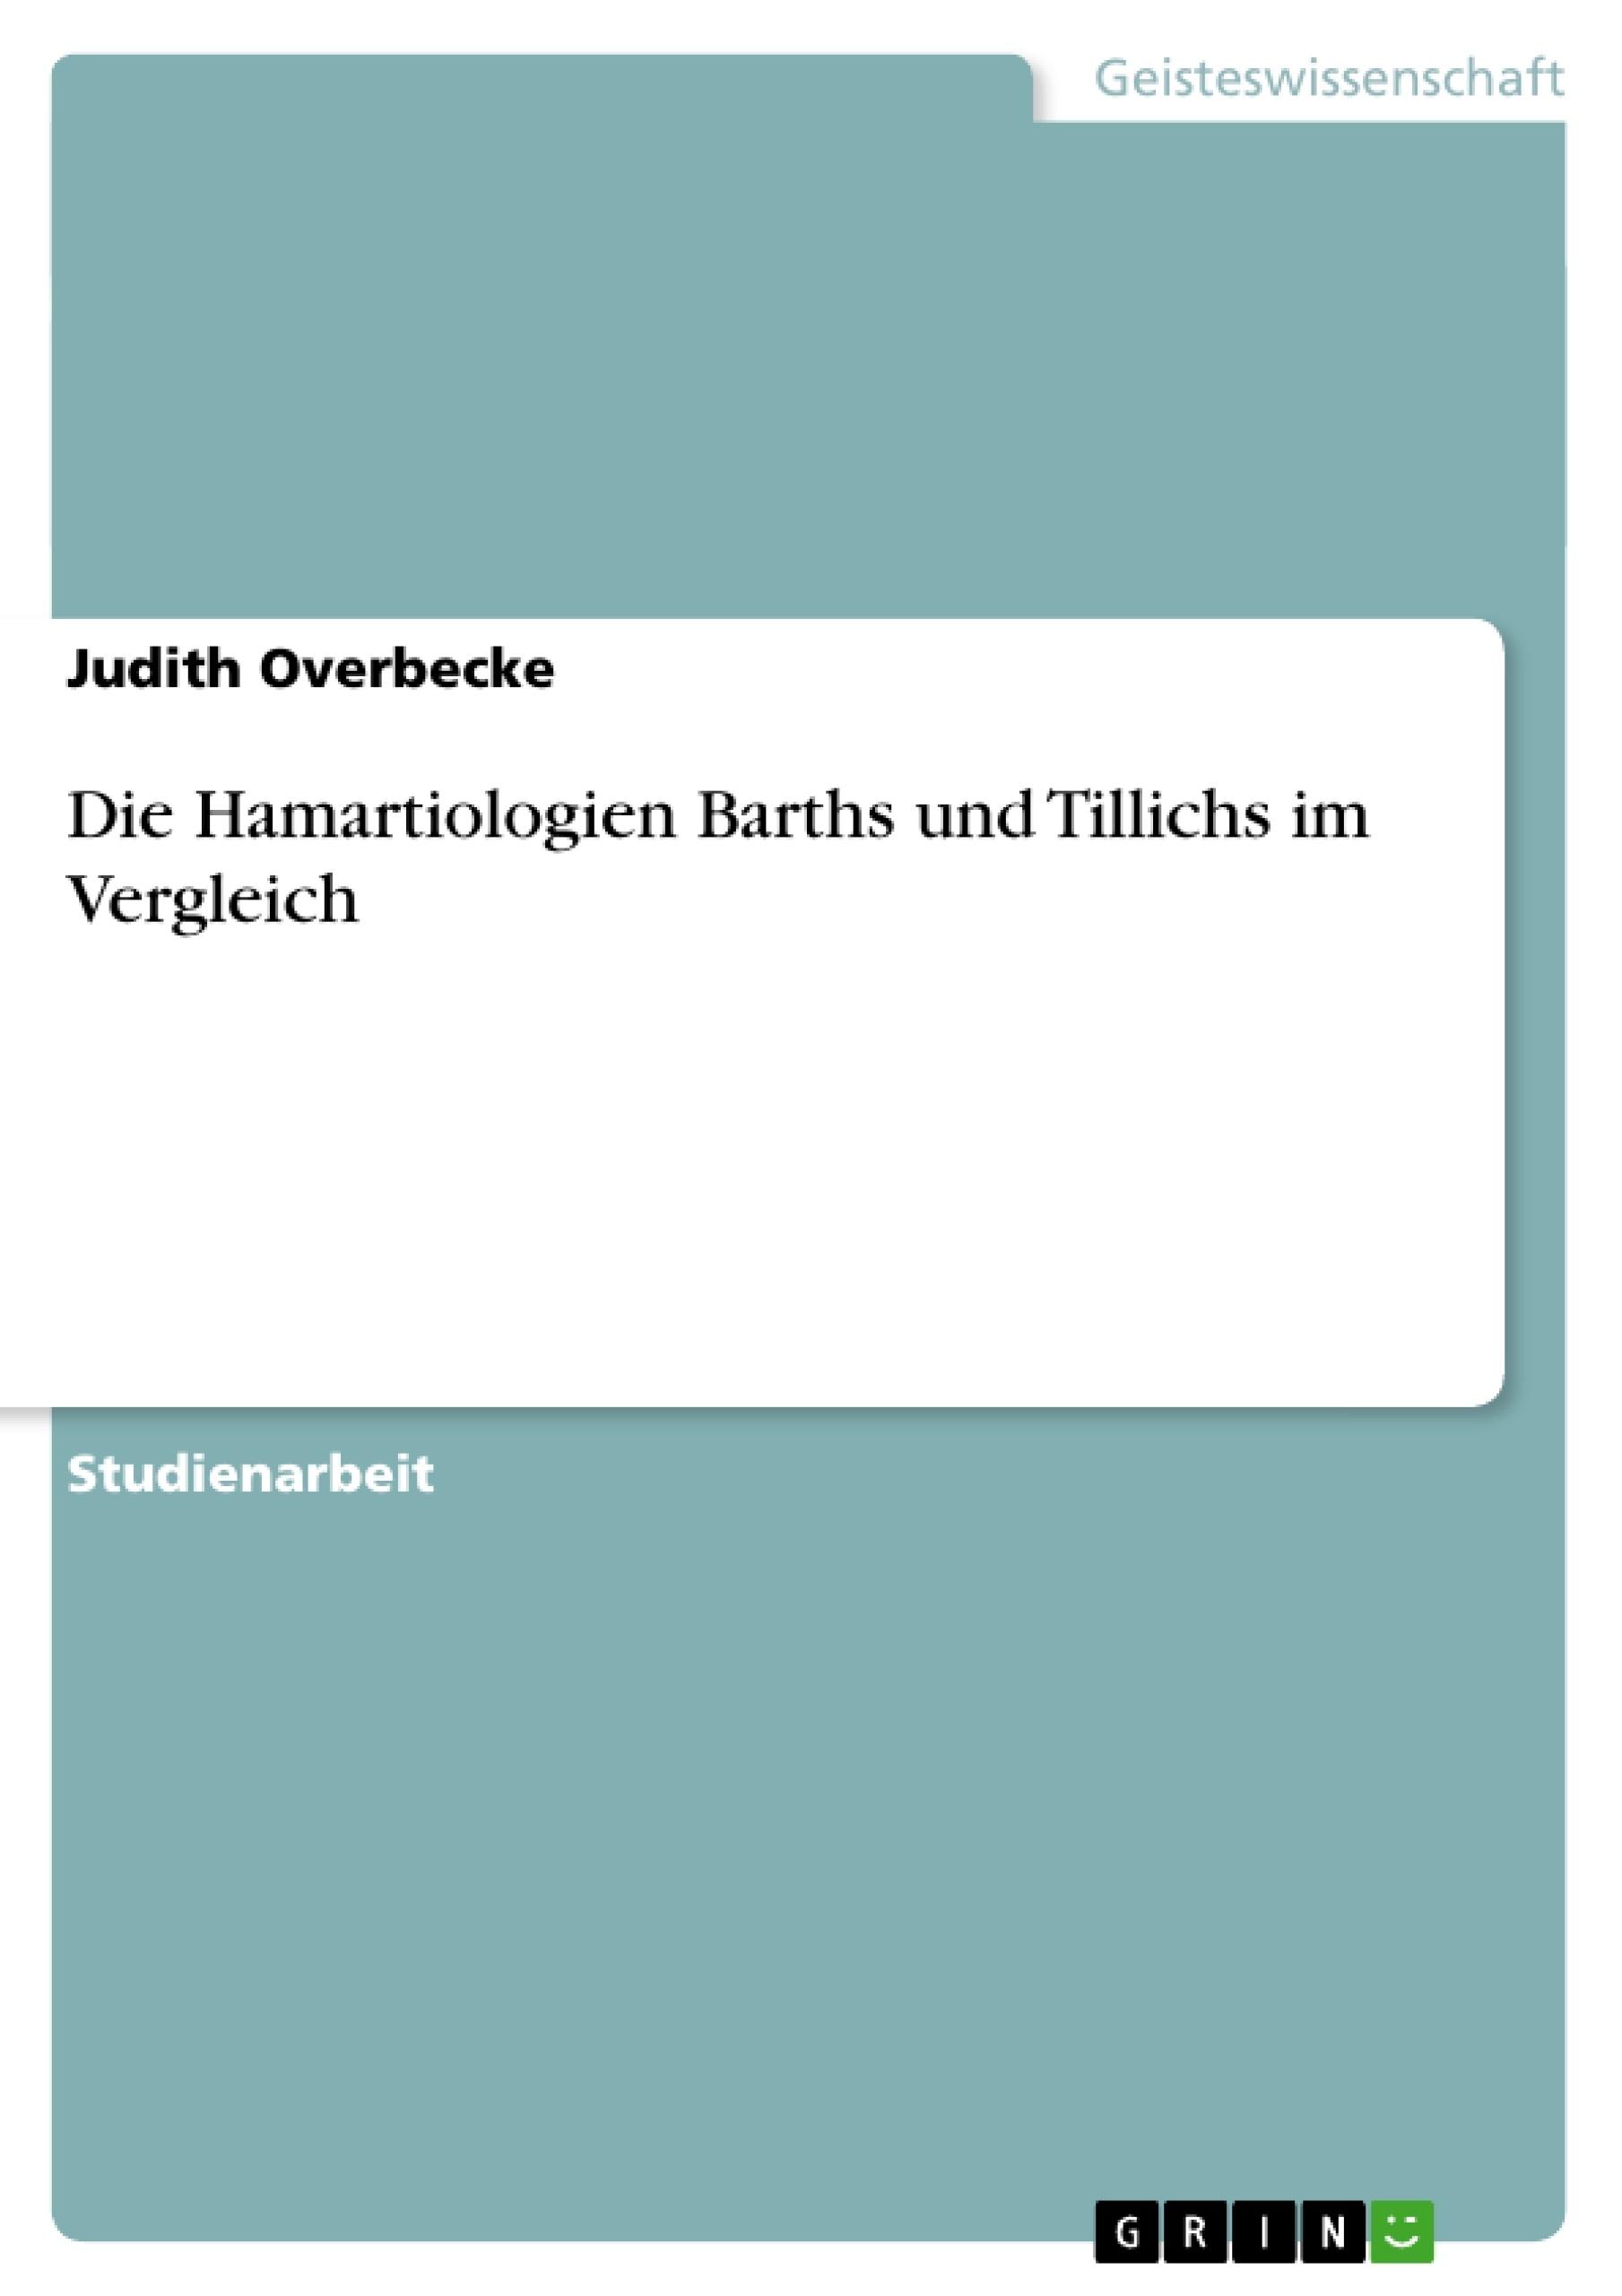 Titel: Die Hamartiologien Barths und Tillichs im Vergleich